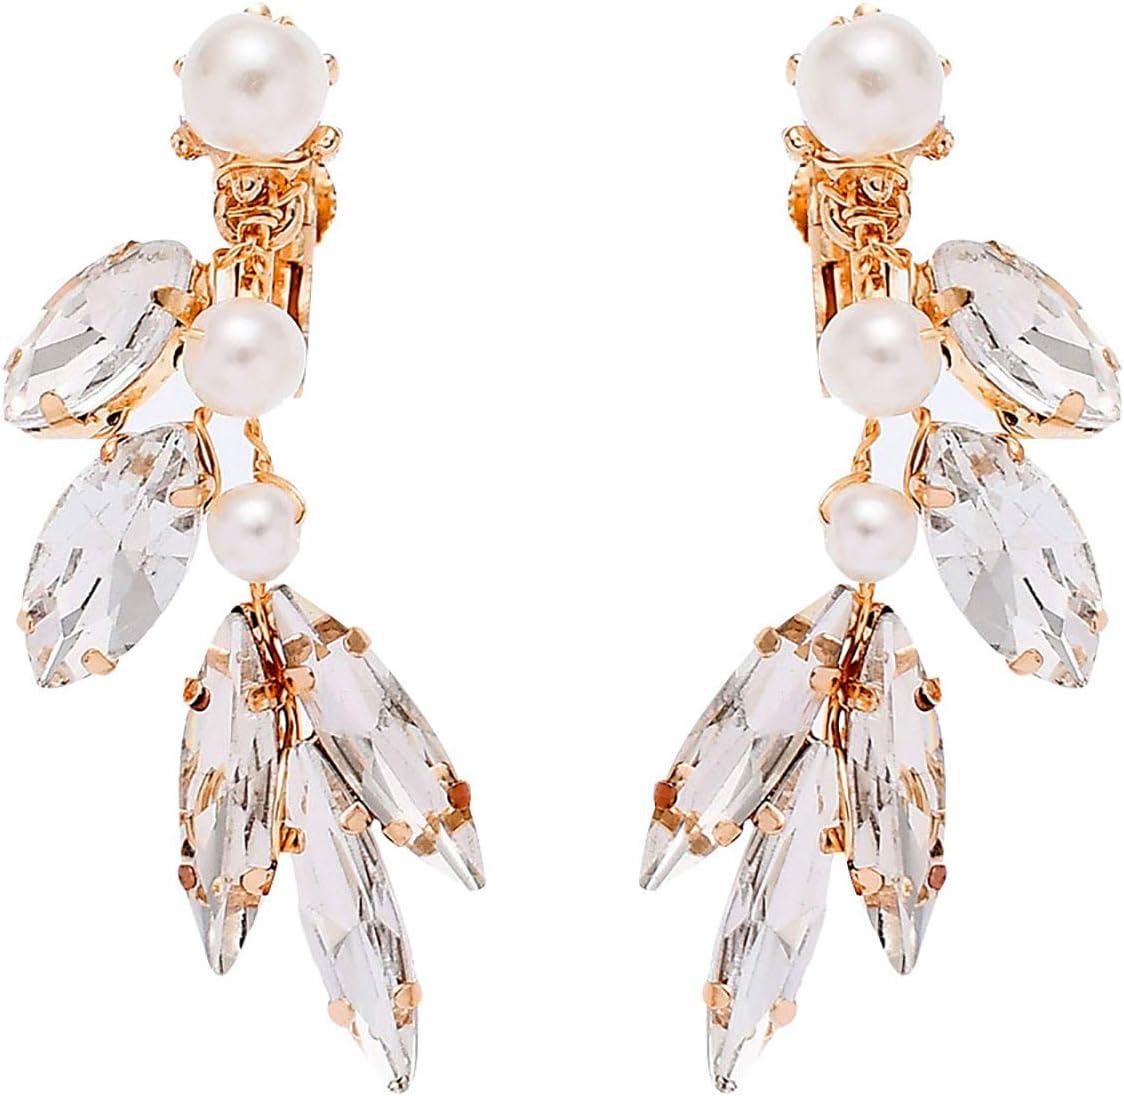 jieGorge Los Pendientes, los nuevos Pendientes de Diamantes de imitación Hechos a Mano con Forma de Ojo de Caballo Son adecuados para Bodas, Joyas para Regalos de Mujeres (D)